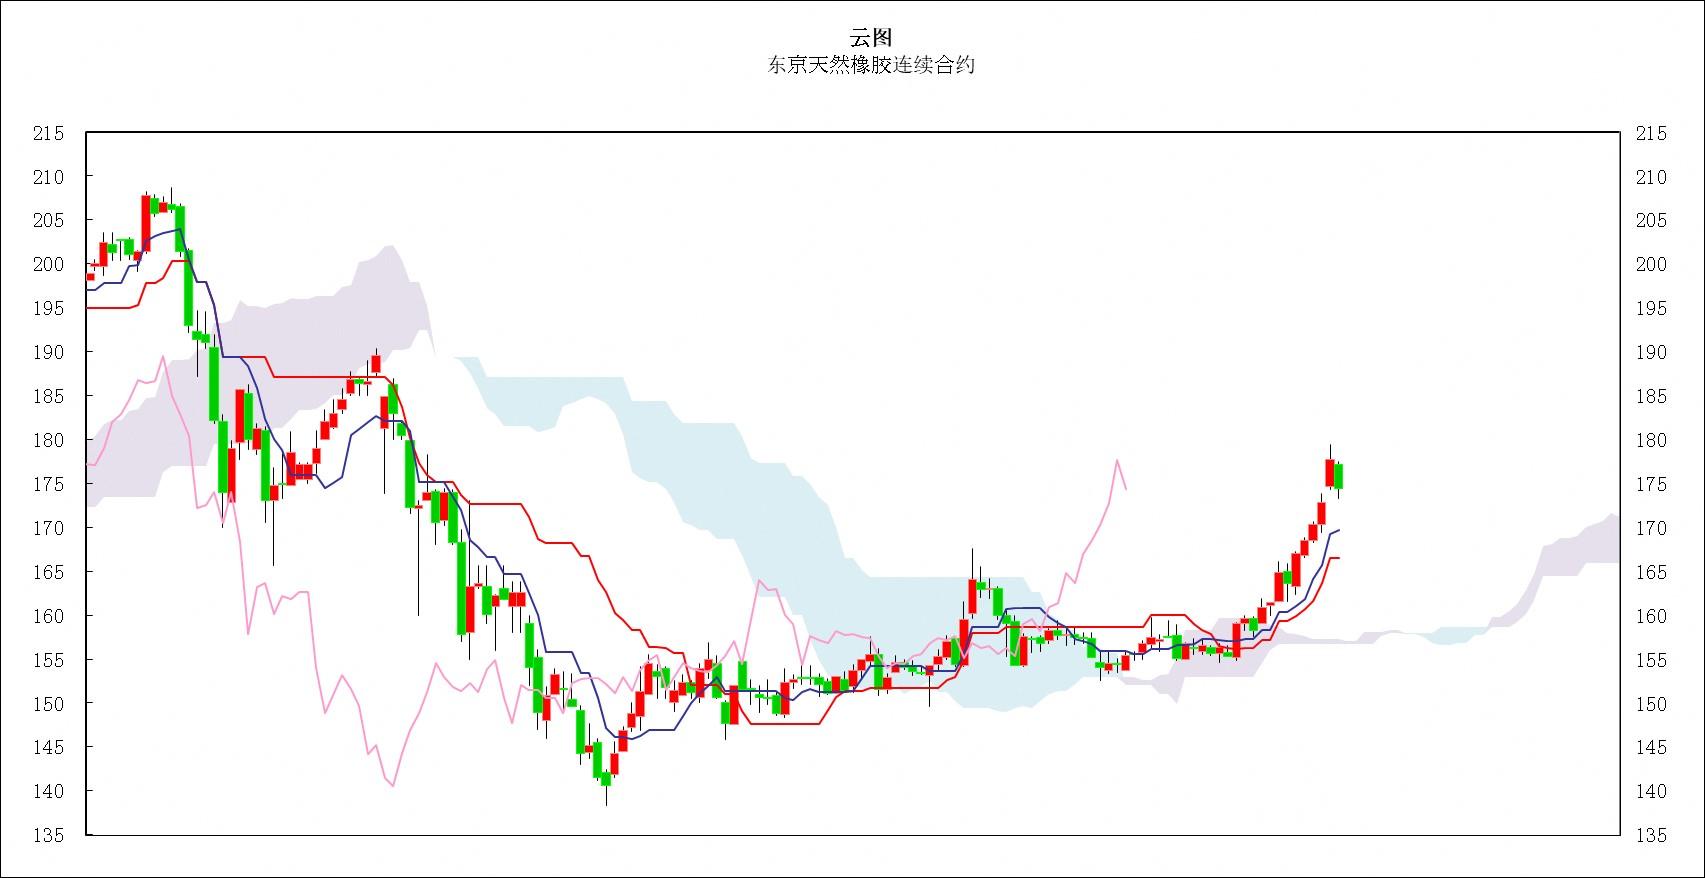 日本商品市场日评:东京黄金价格大幅回落,橡胶市场获利了结